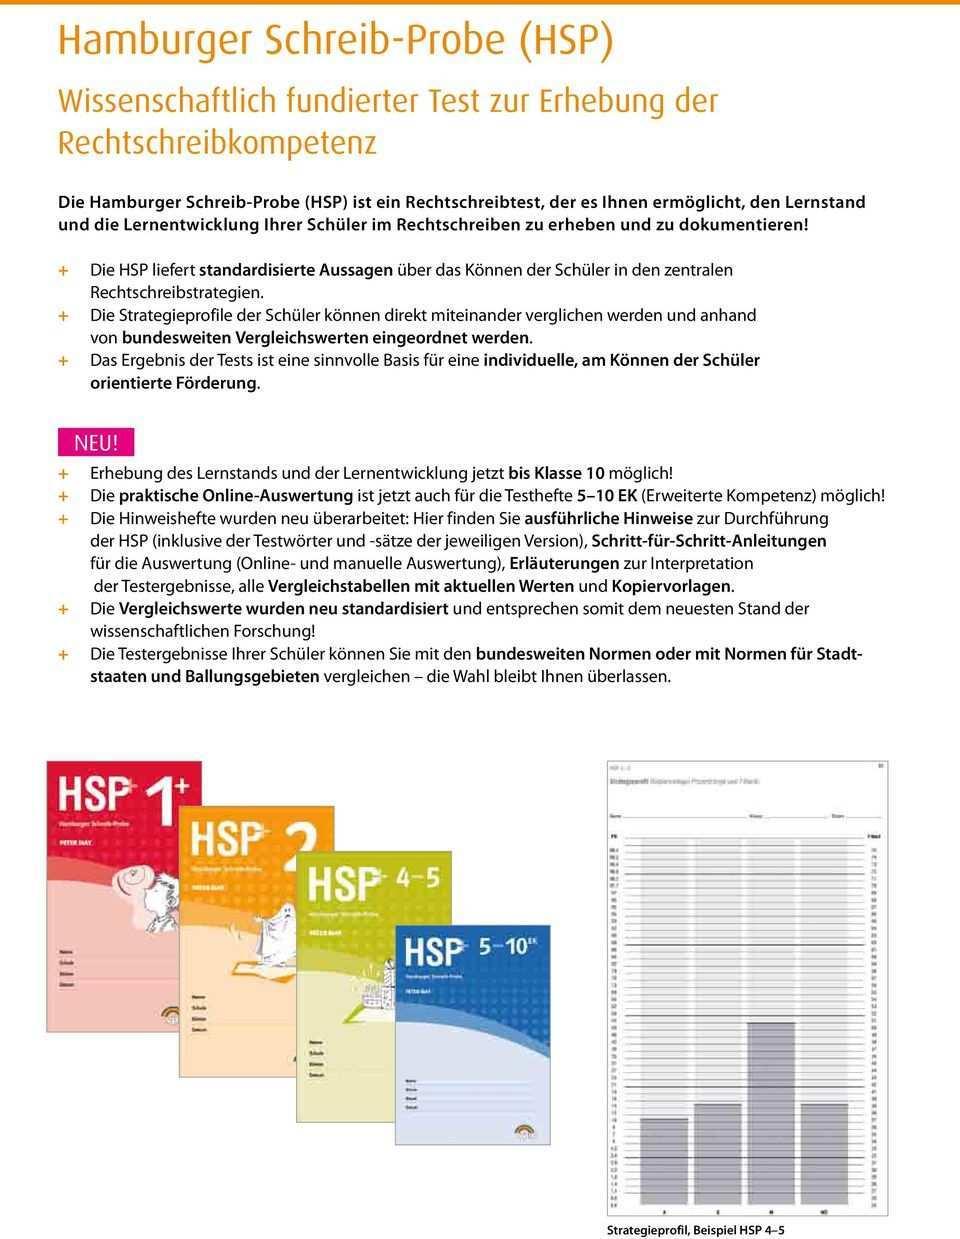 Neustandardisierung Der Vergleichswerte Hamburger Schreib Probe Wissenschaftlich Fundierter Test Zur Erhebung Der Rechtschreibkompetenz Pdf Free Download